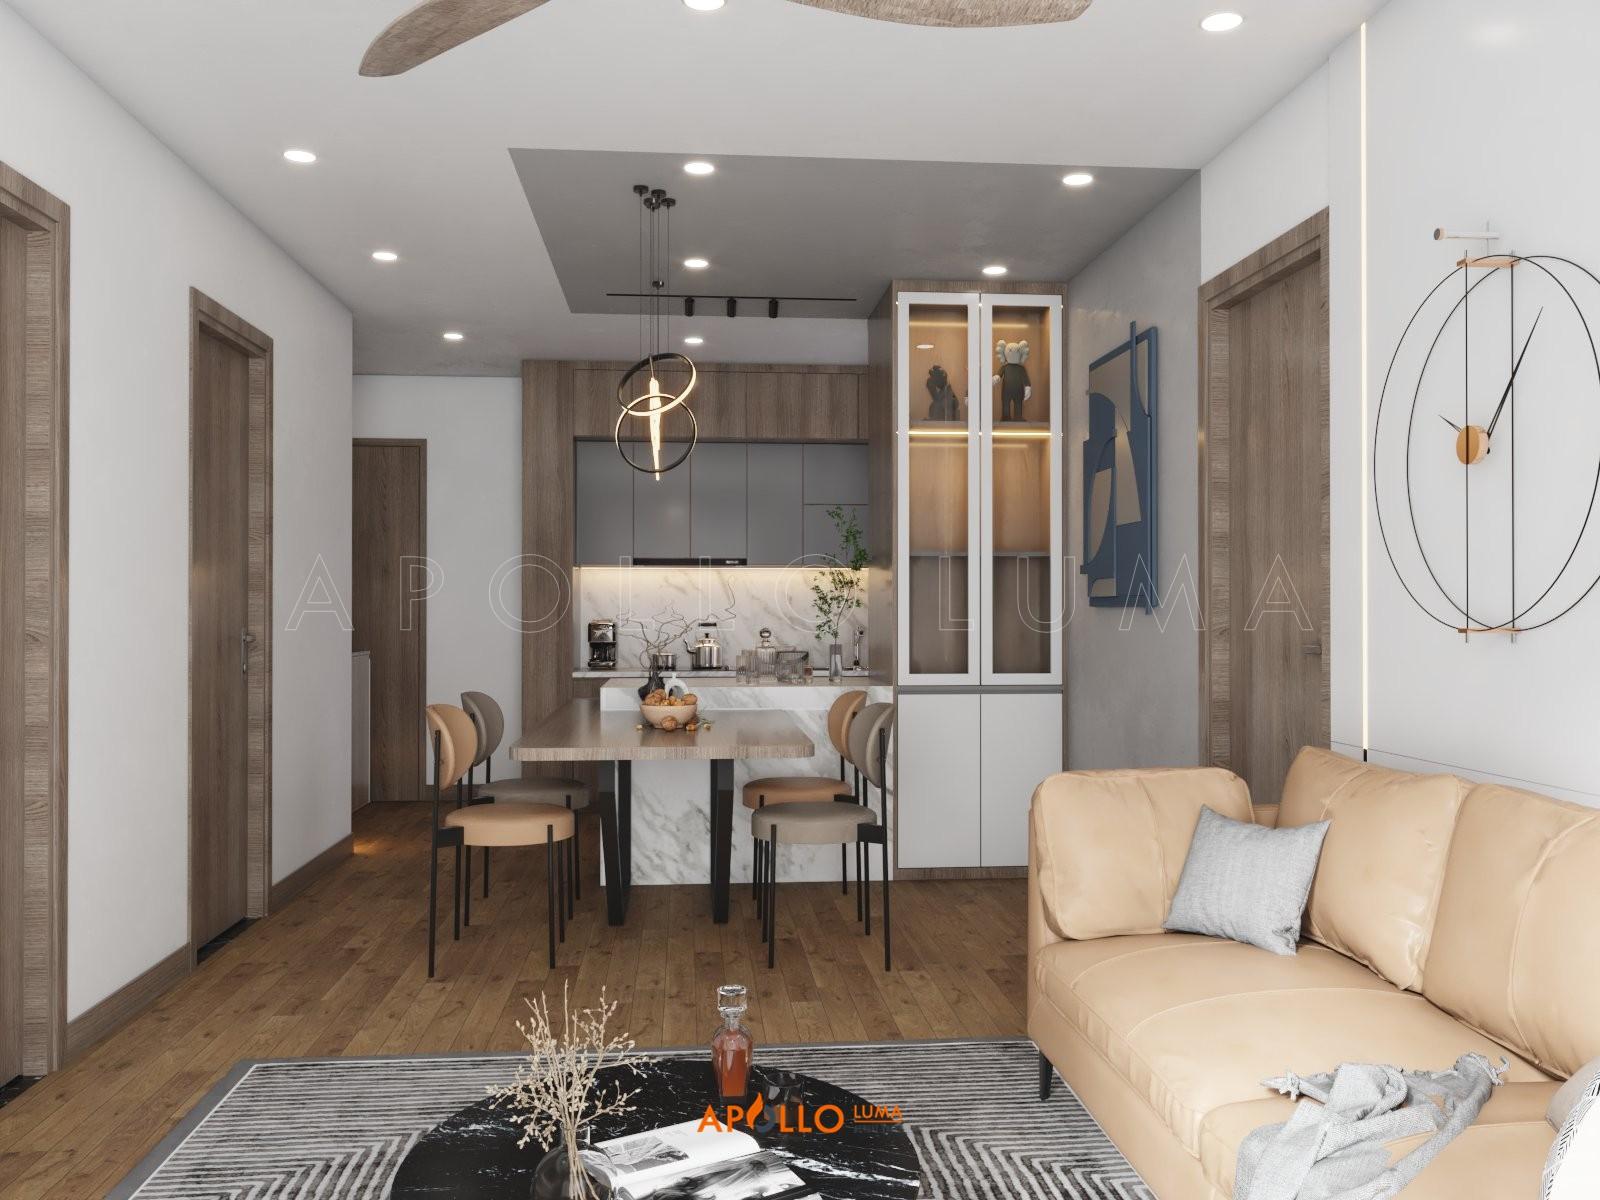 Thiết kế nội thất căn hộ 2 phòng ngủ + 1 Berriver Jadin Long Biên